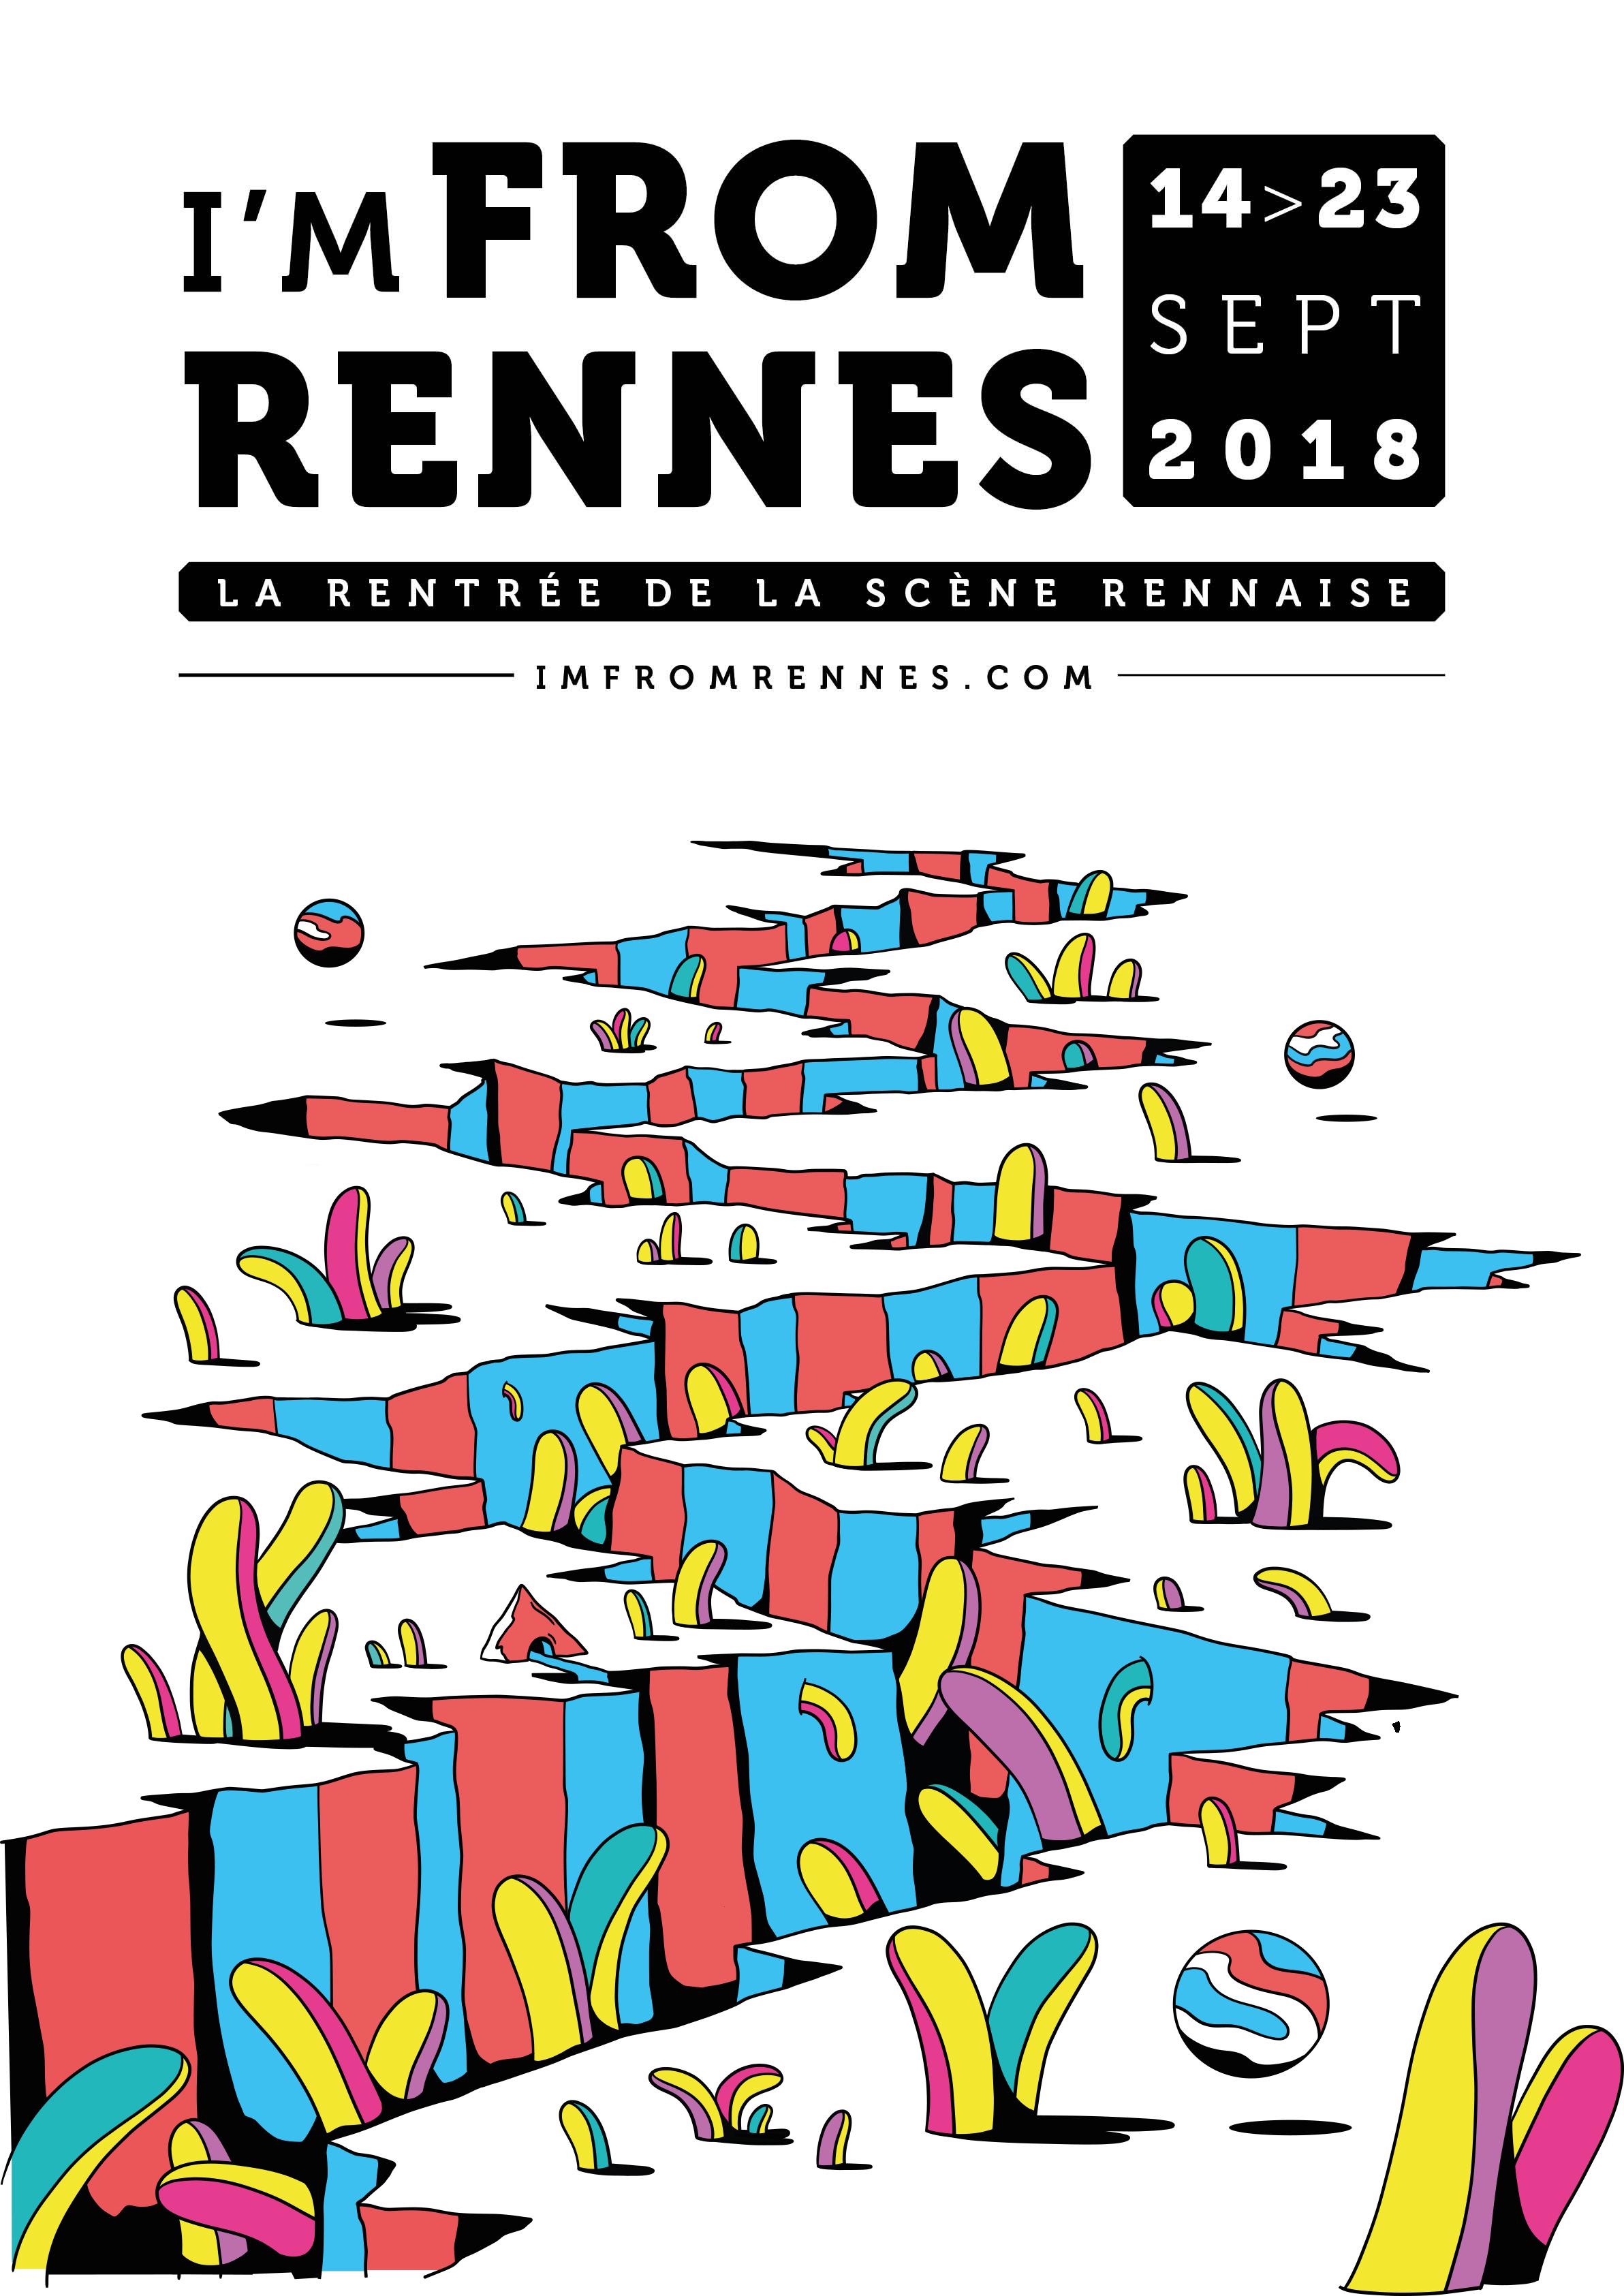 IMFR 2018 / Maxime Roy